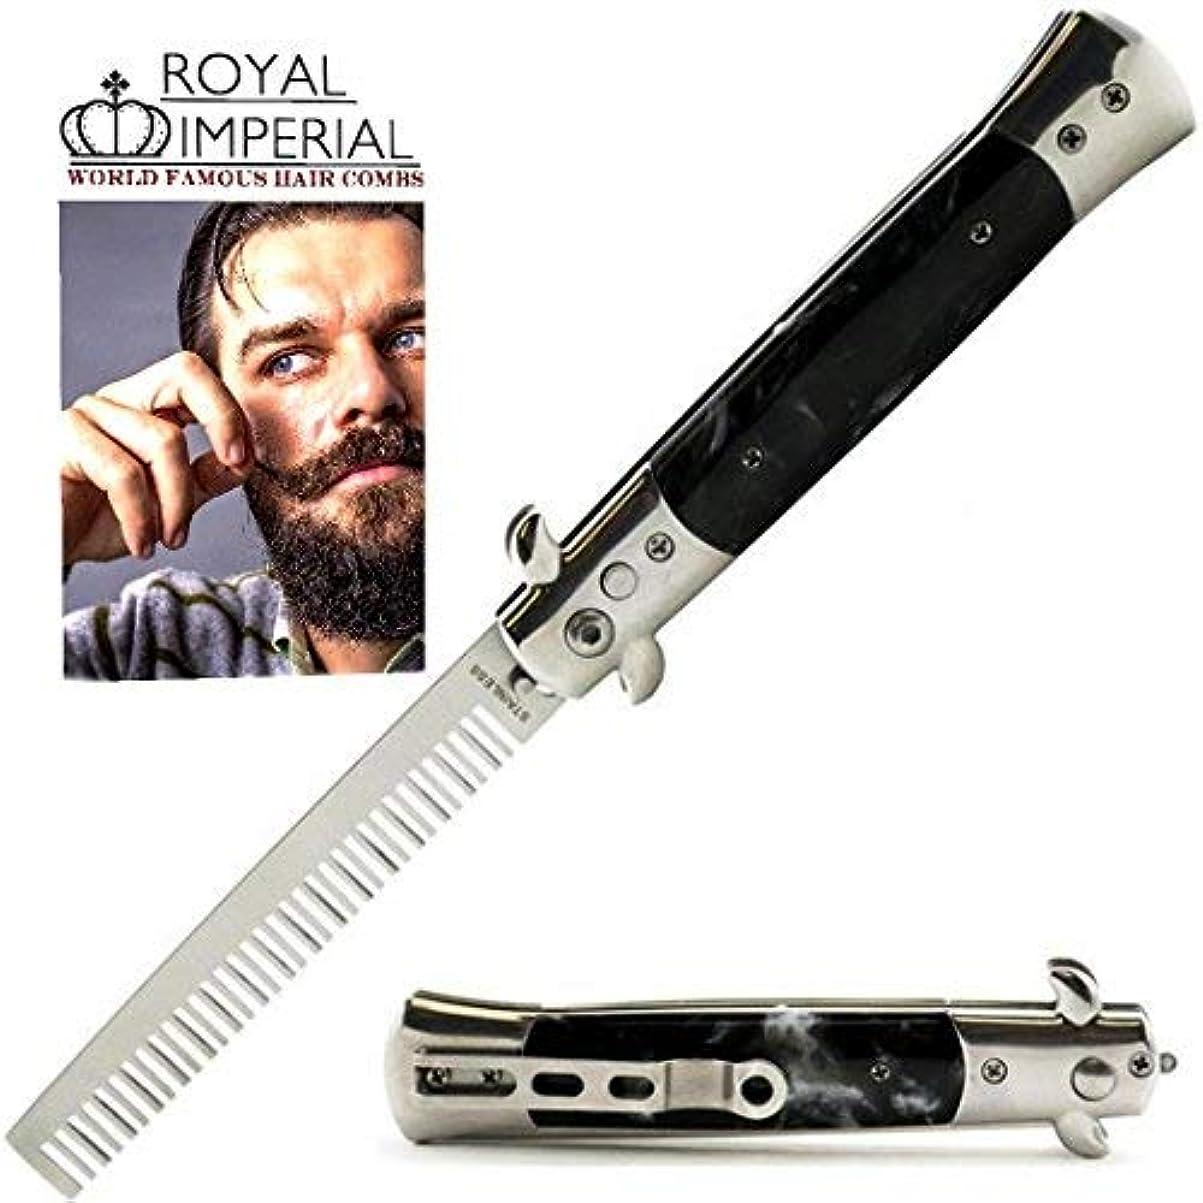 取り戻すマトン詩人Royal Imperial Metal Switchblade Pocket Folding Flick Hair Comb For Beard, Mustache, Head Black Pearl Handle ~...